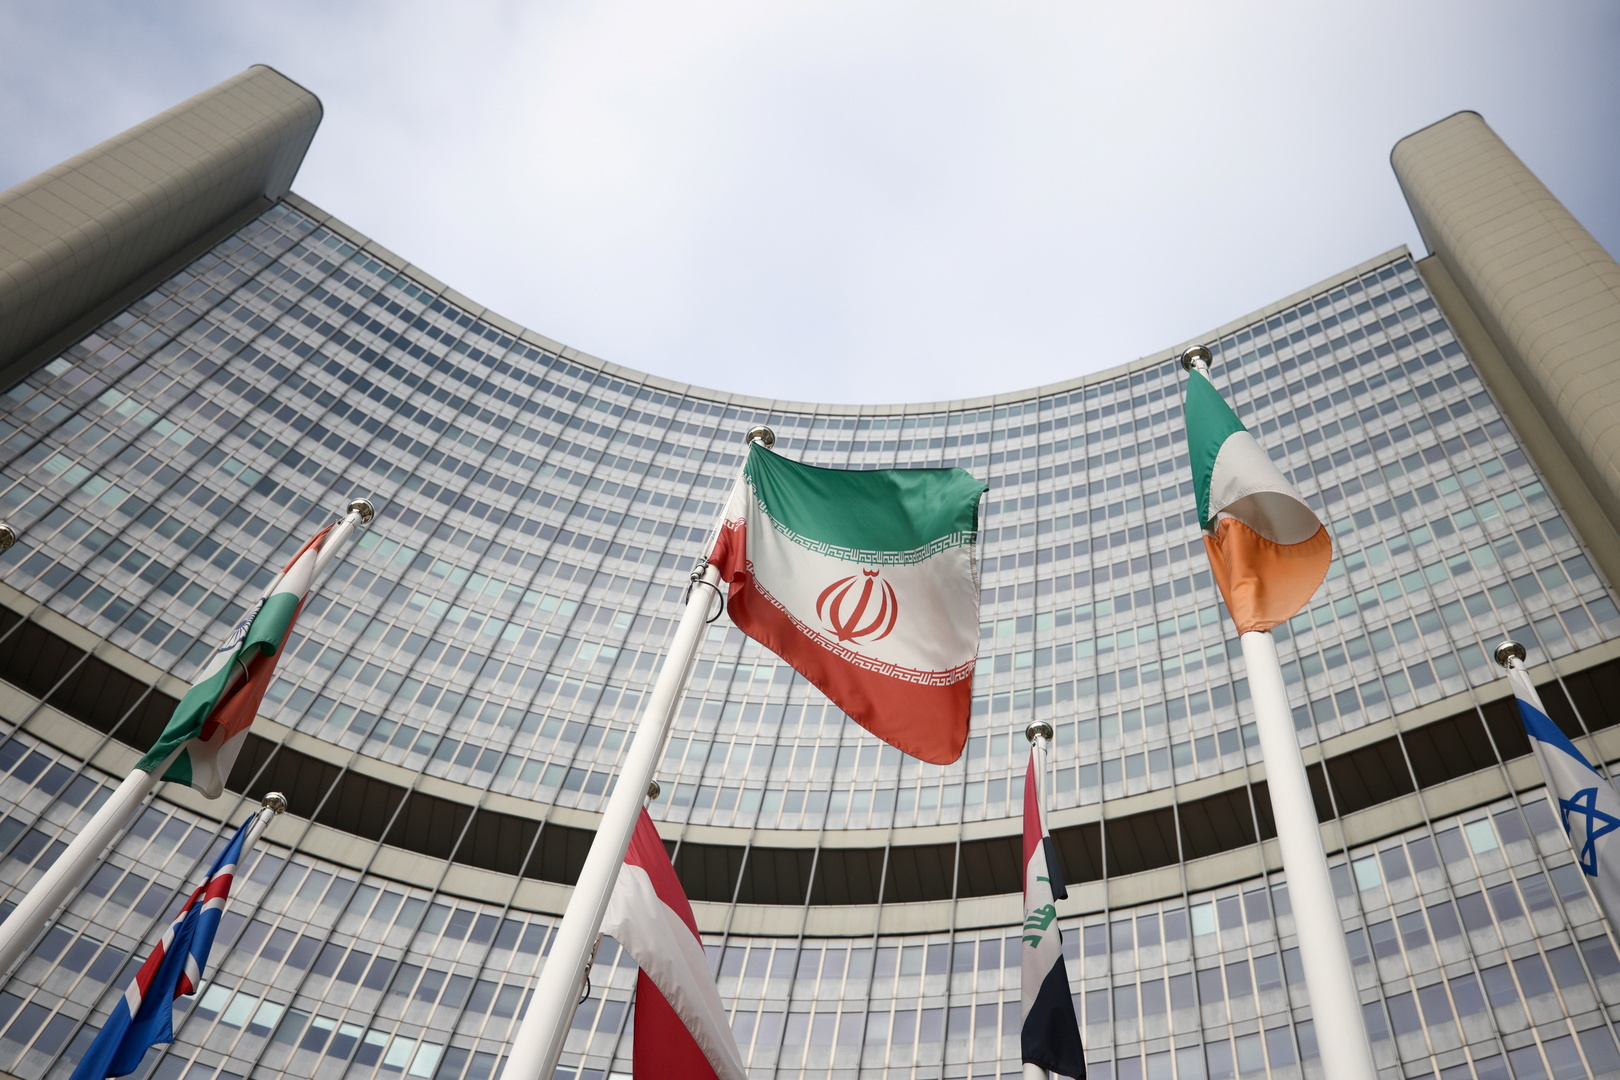 واشنطن: إيران حصلت على فرصة جديدة لتخفيف المخاوف بشأن برنامجها النووي